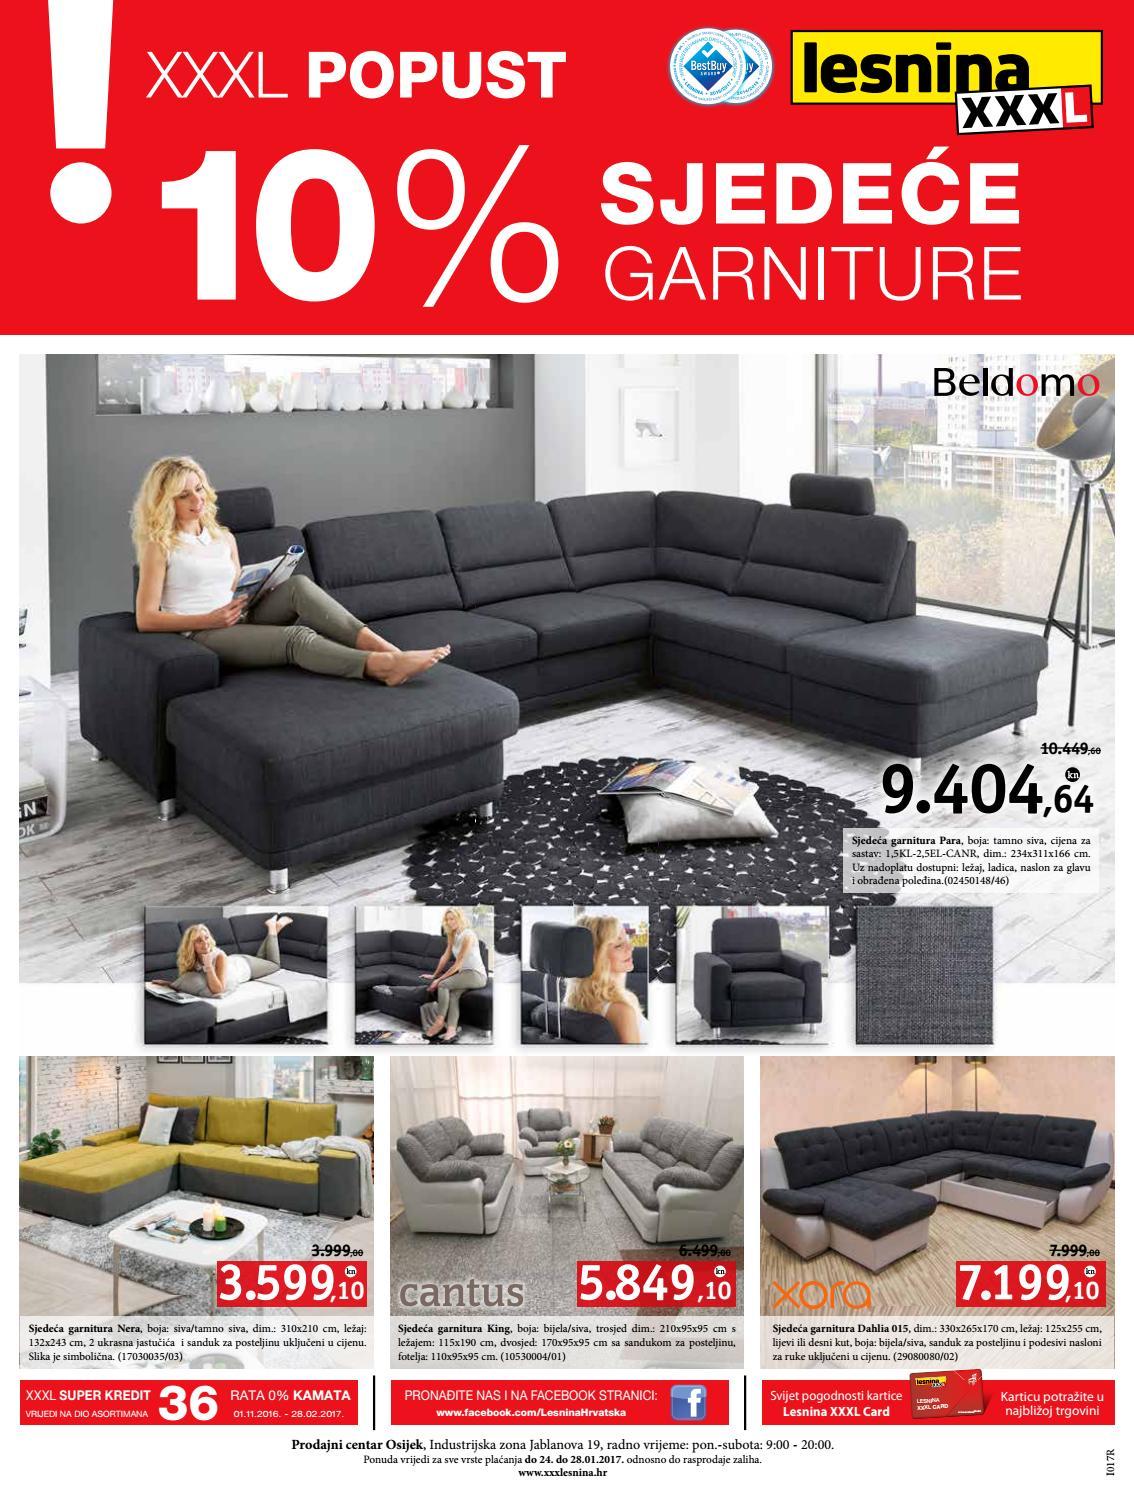 Beldomo Couch Gallery Of Beldomo Sofa Xxl Sofa Leder Ihre Von